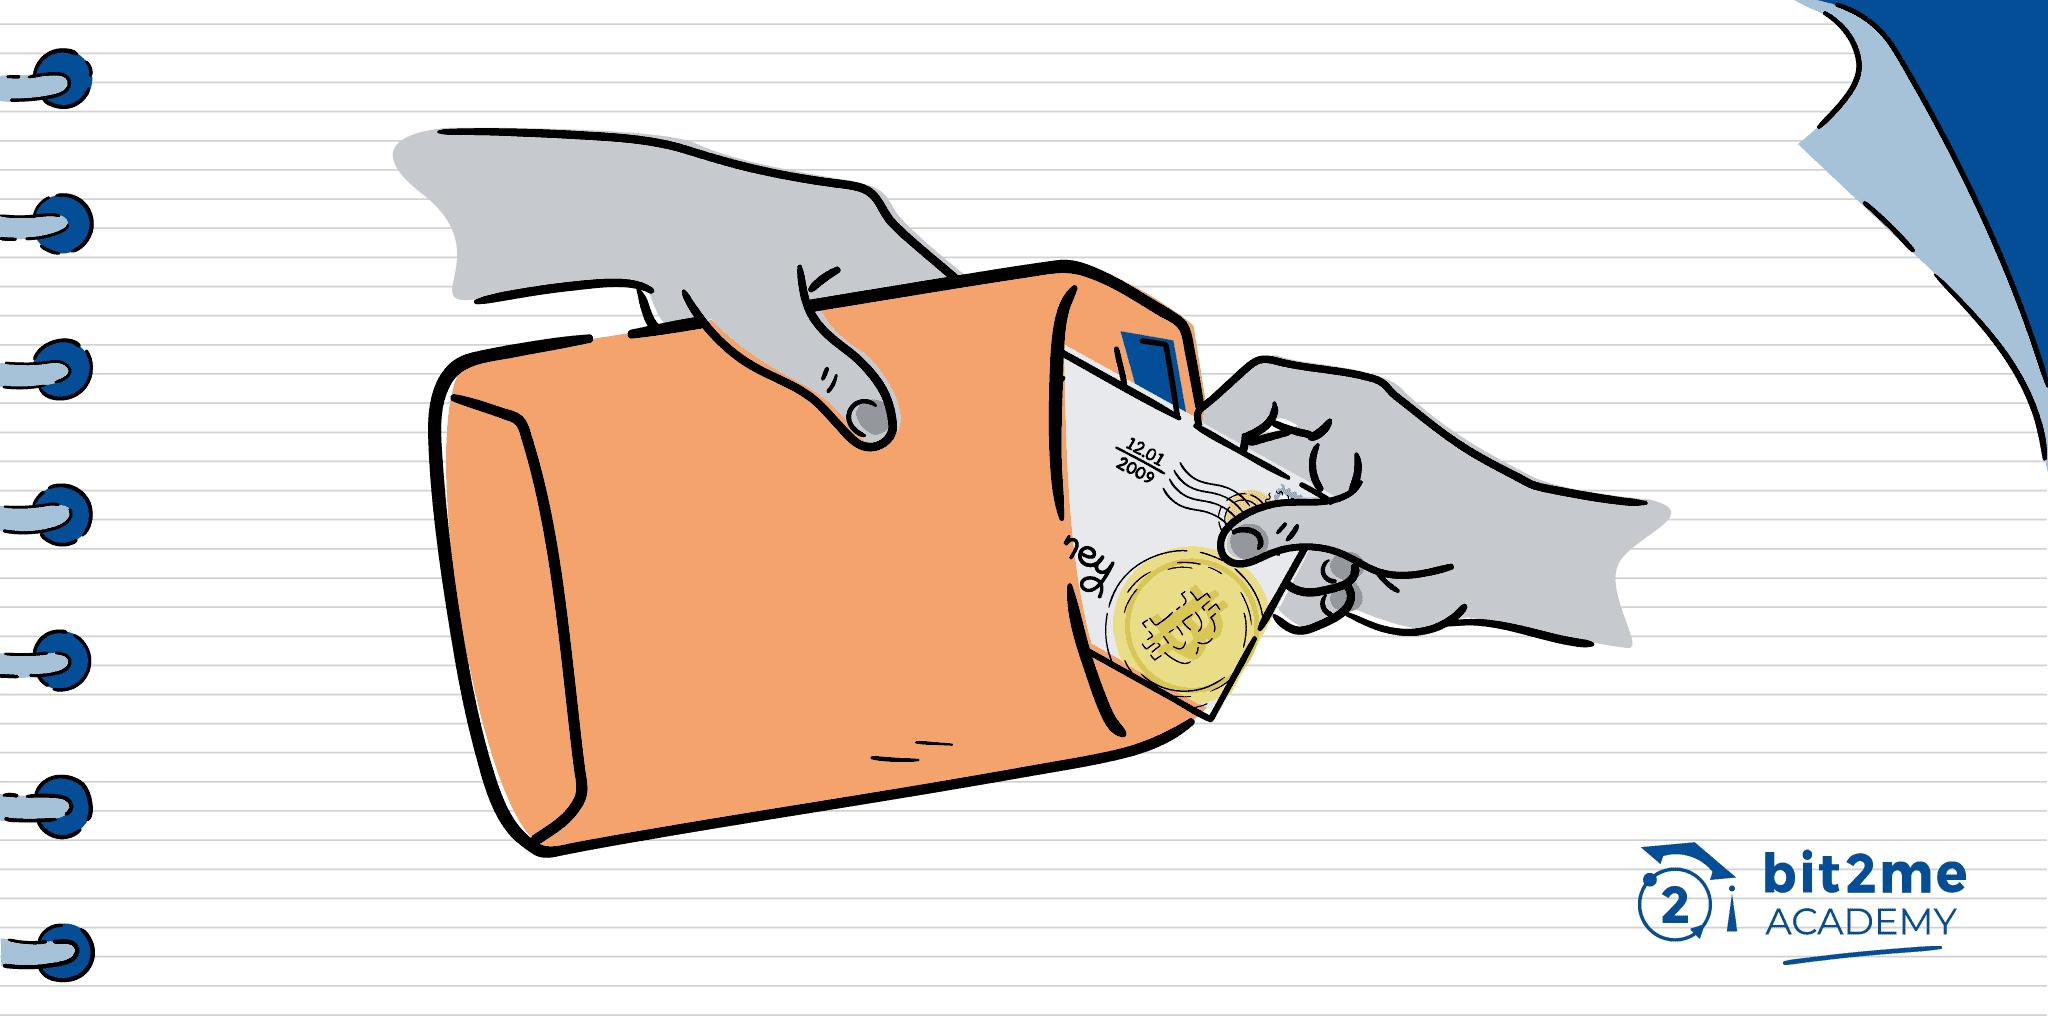 como usar coinjoin bitcoin